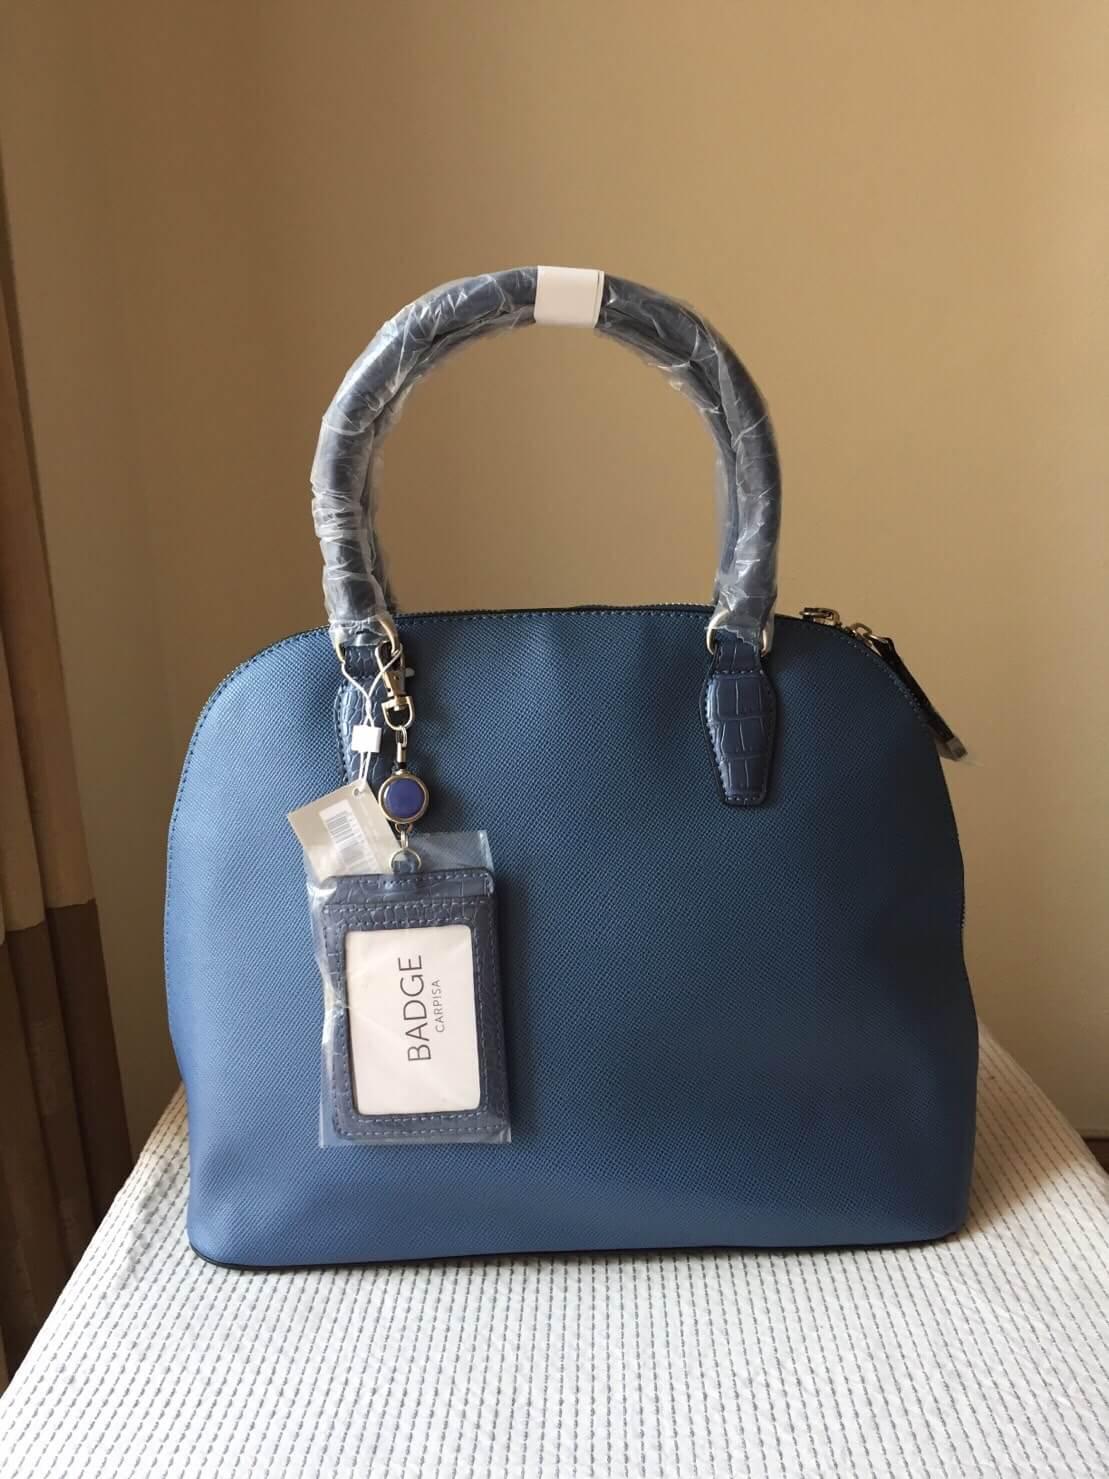 กระเป๋า Carpisa แบรนด์ดังจากอิตาลี สี NAVY หนัง saffiano เรียบหรูดูดี ทรงสุดฮอต ใบใหญ่